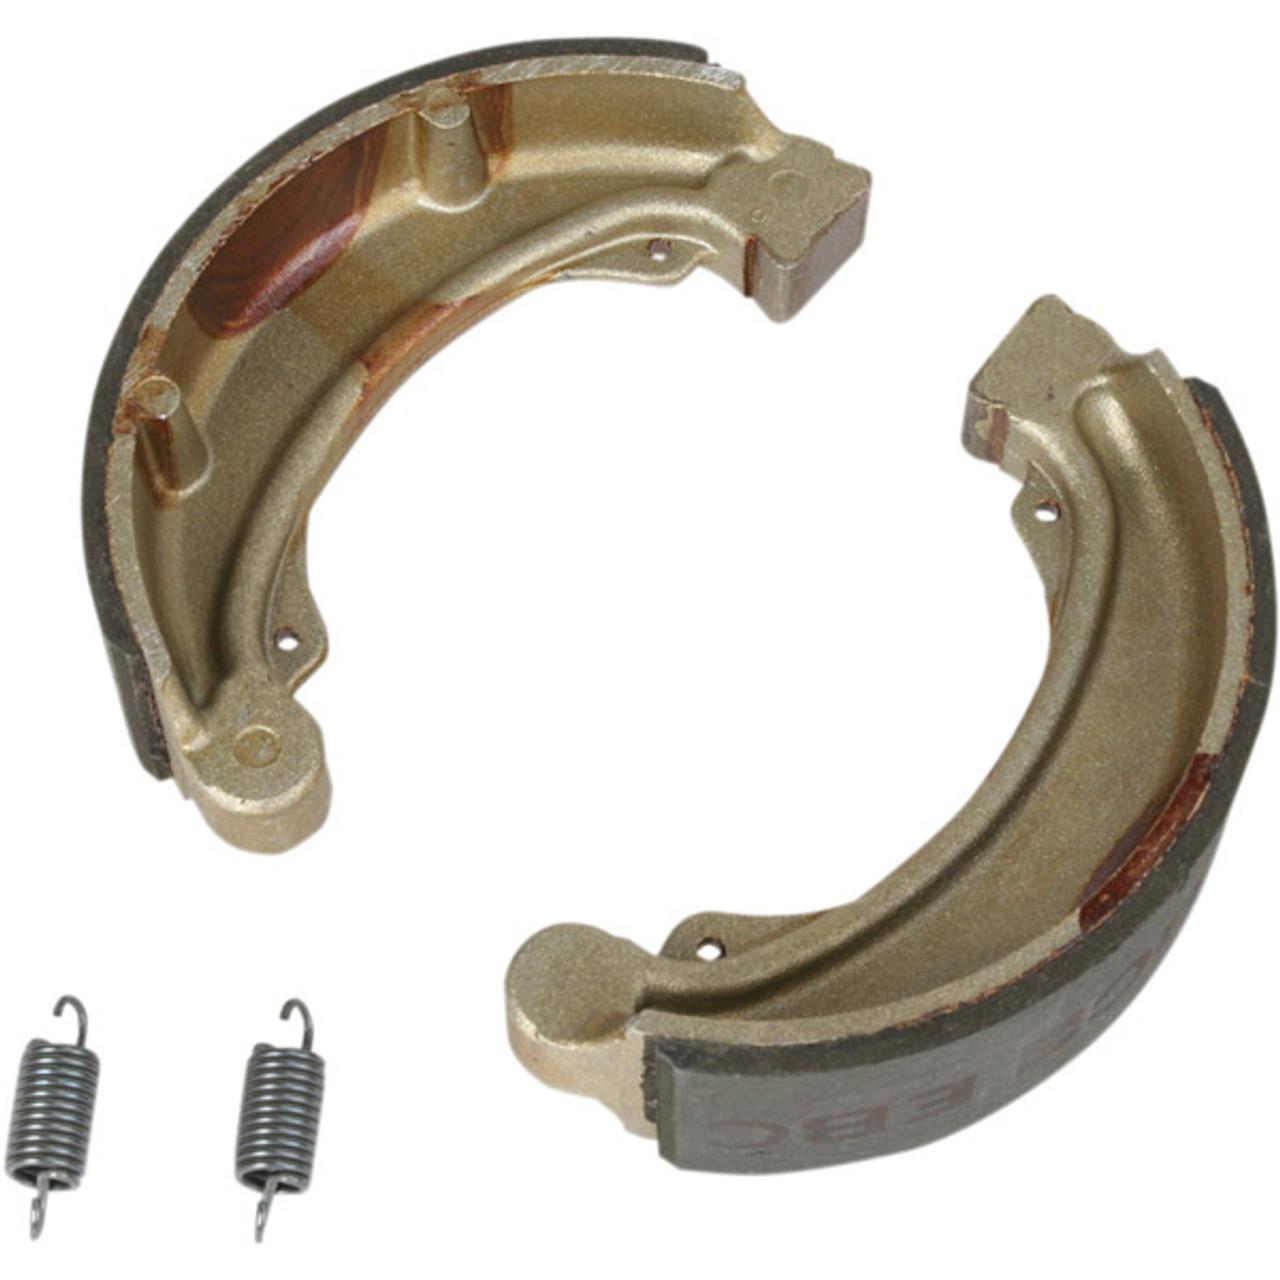 ebc honda cx500c 79 81 rear brake shoes [ 1280 x 1280 Pixel ]